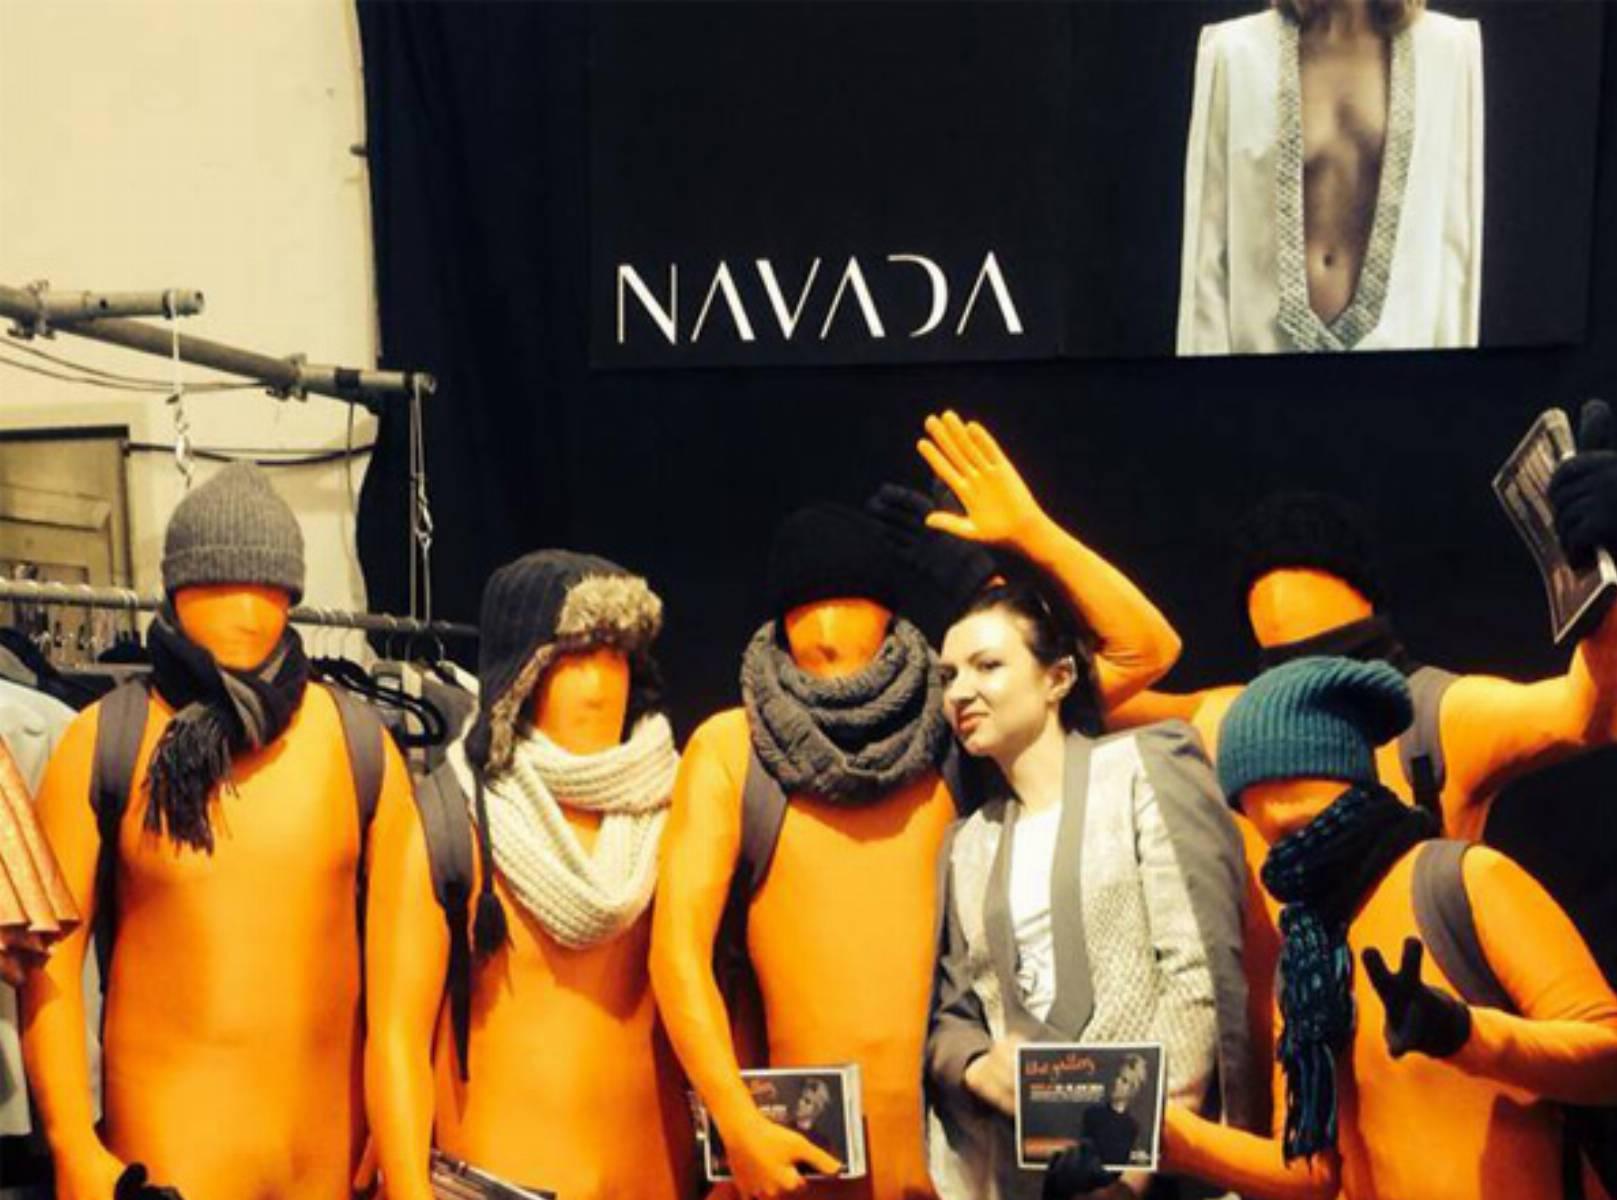 navada-i-Natalia